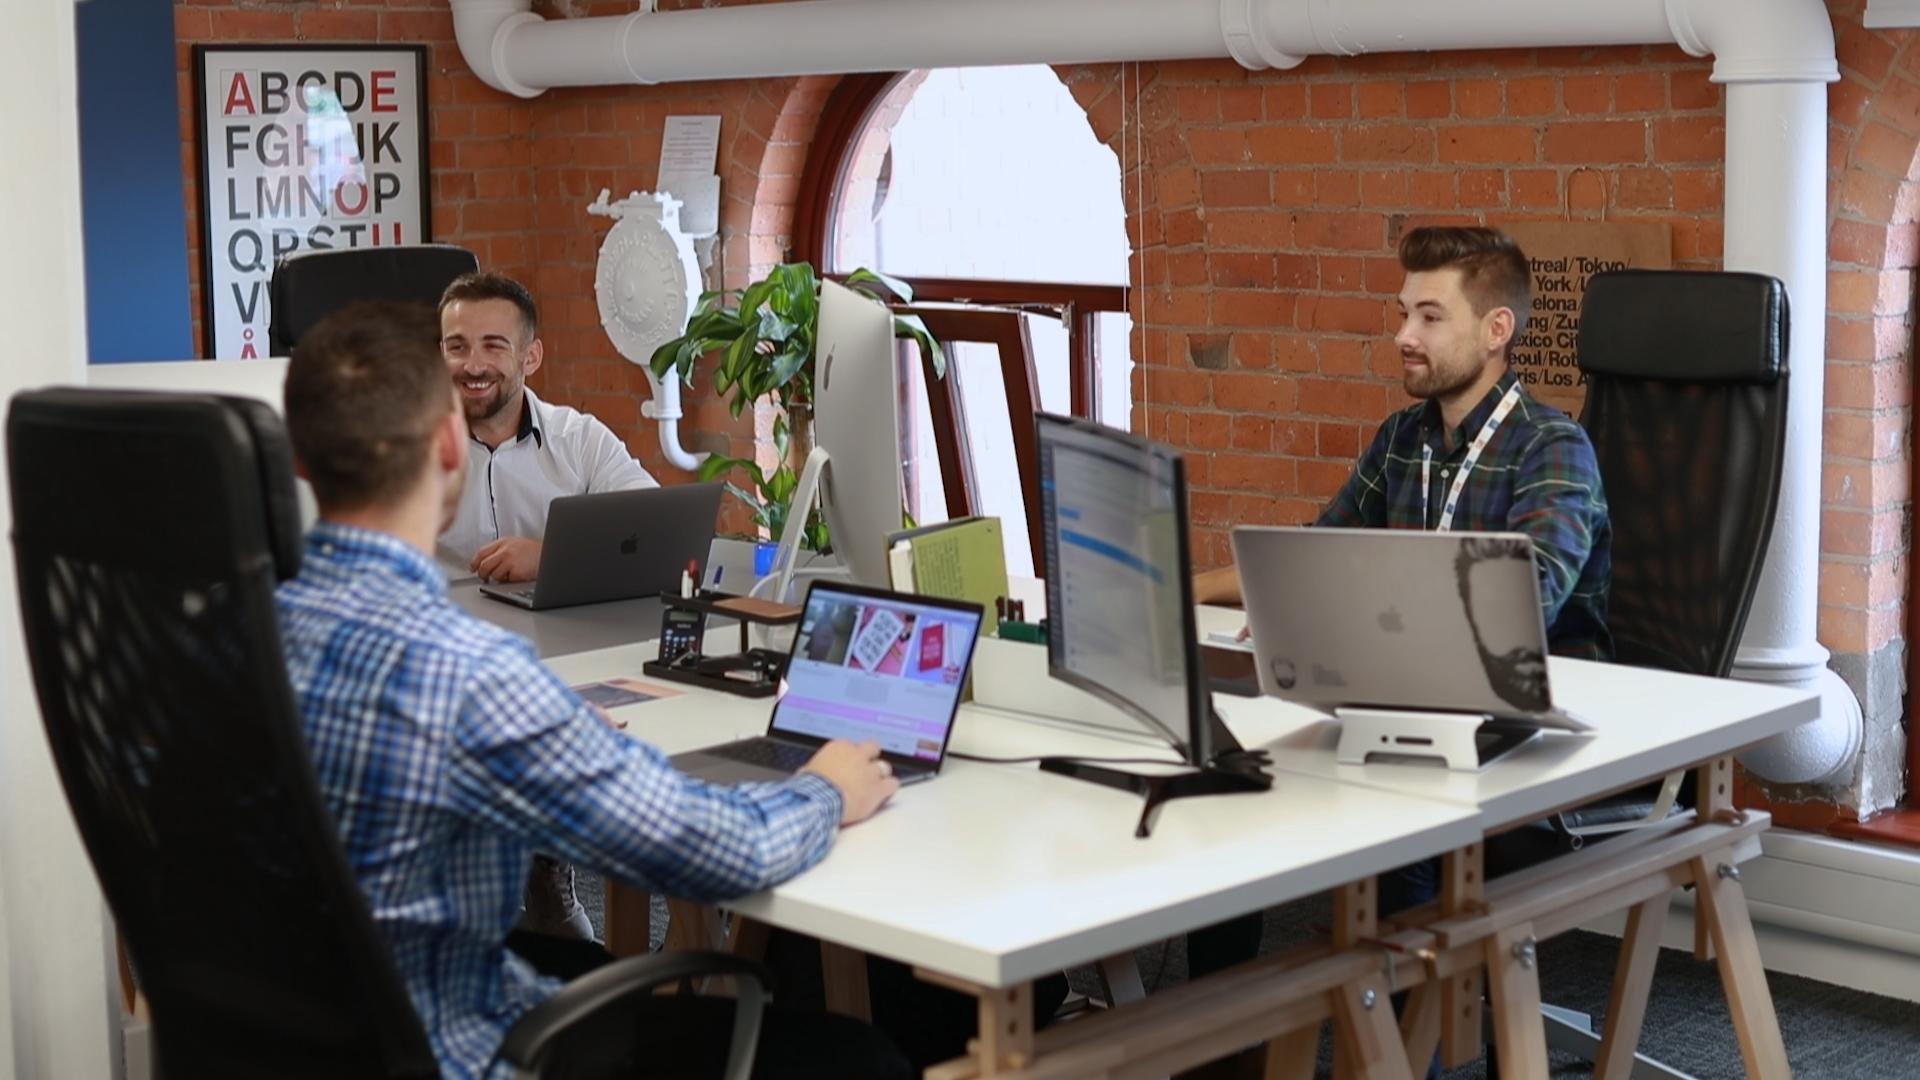 The Web Design Studios Team